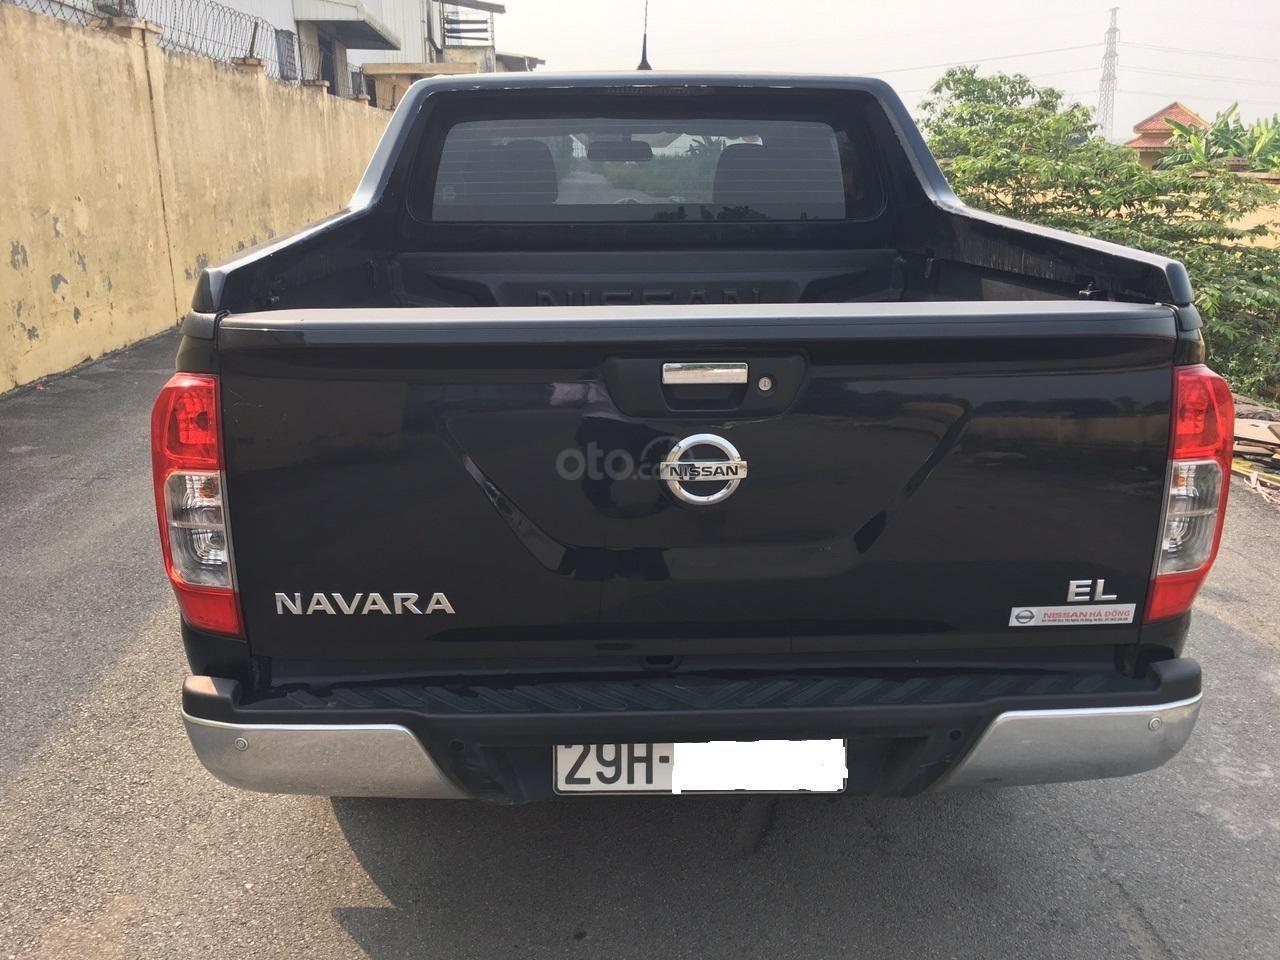 Bán xe Nissan Navara EL nguyên bản, đi ít chính chủ giá chỉ 535 triệu-6